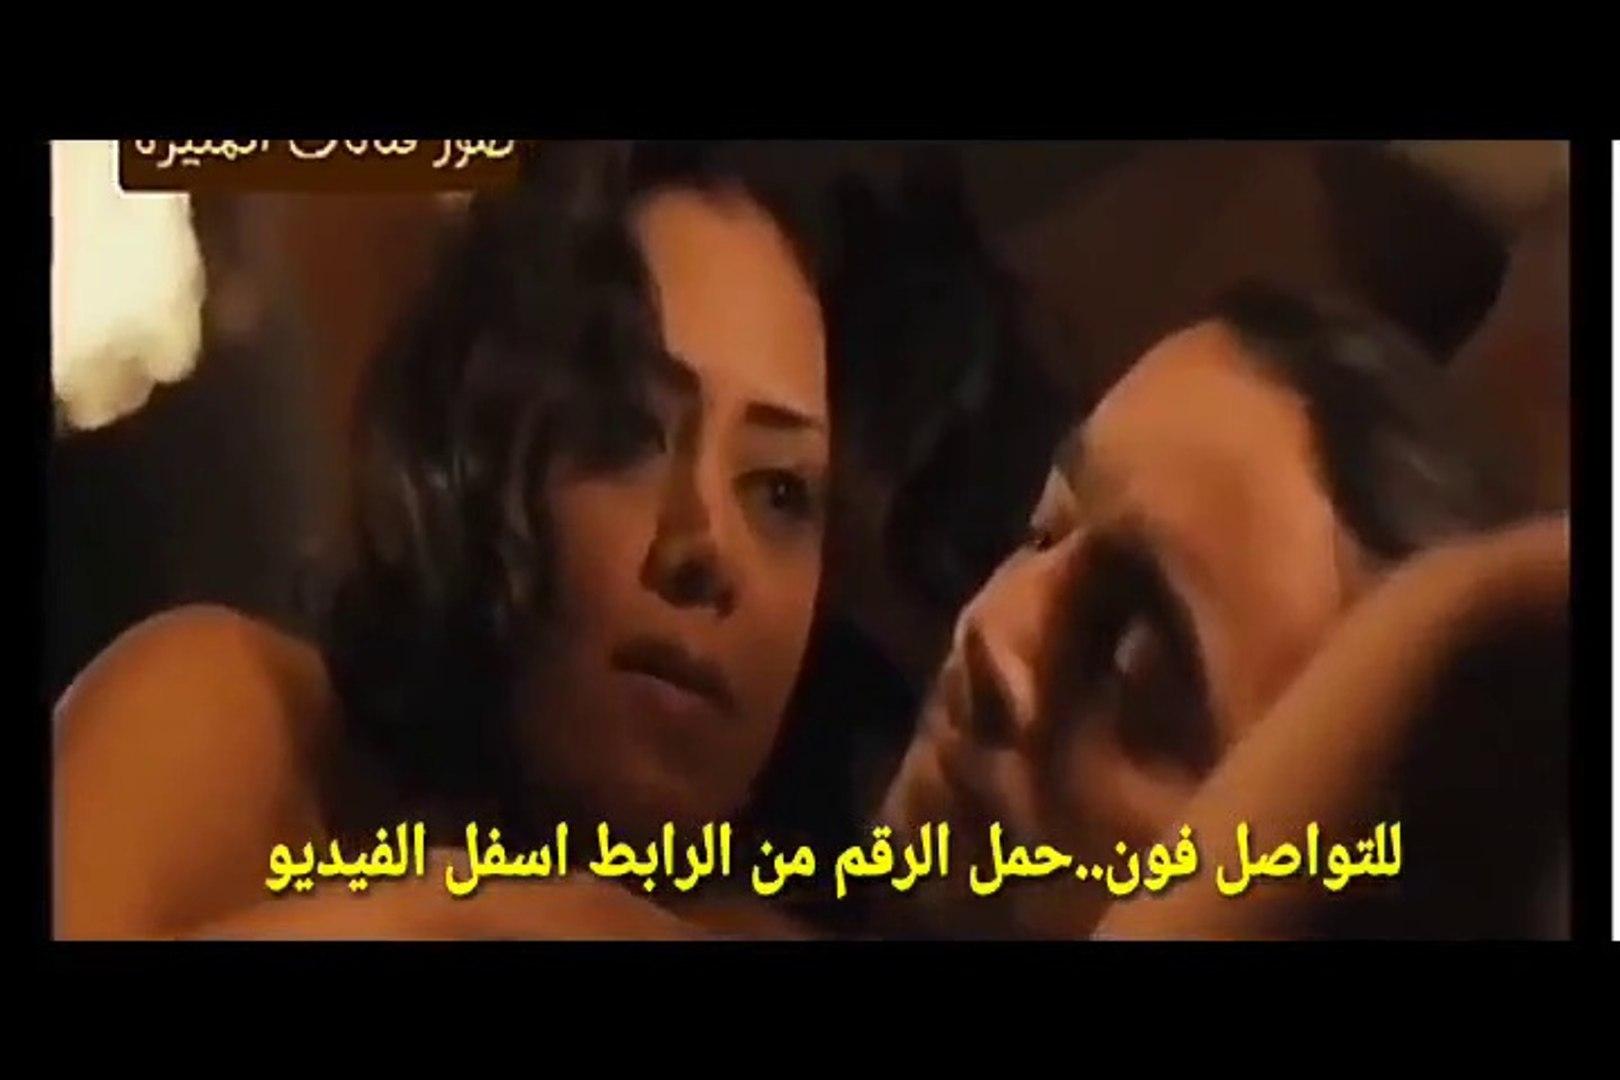 قبلات رانيا يوسف الساخنة مع هاني سلامة..الفيديو الفاضح المحذوف